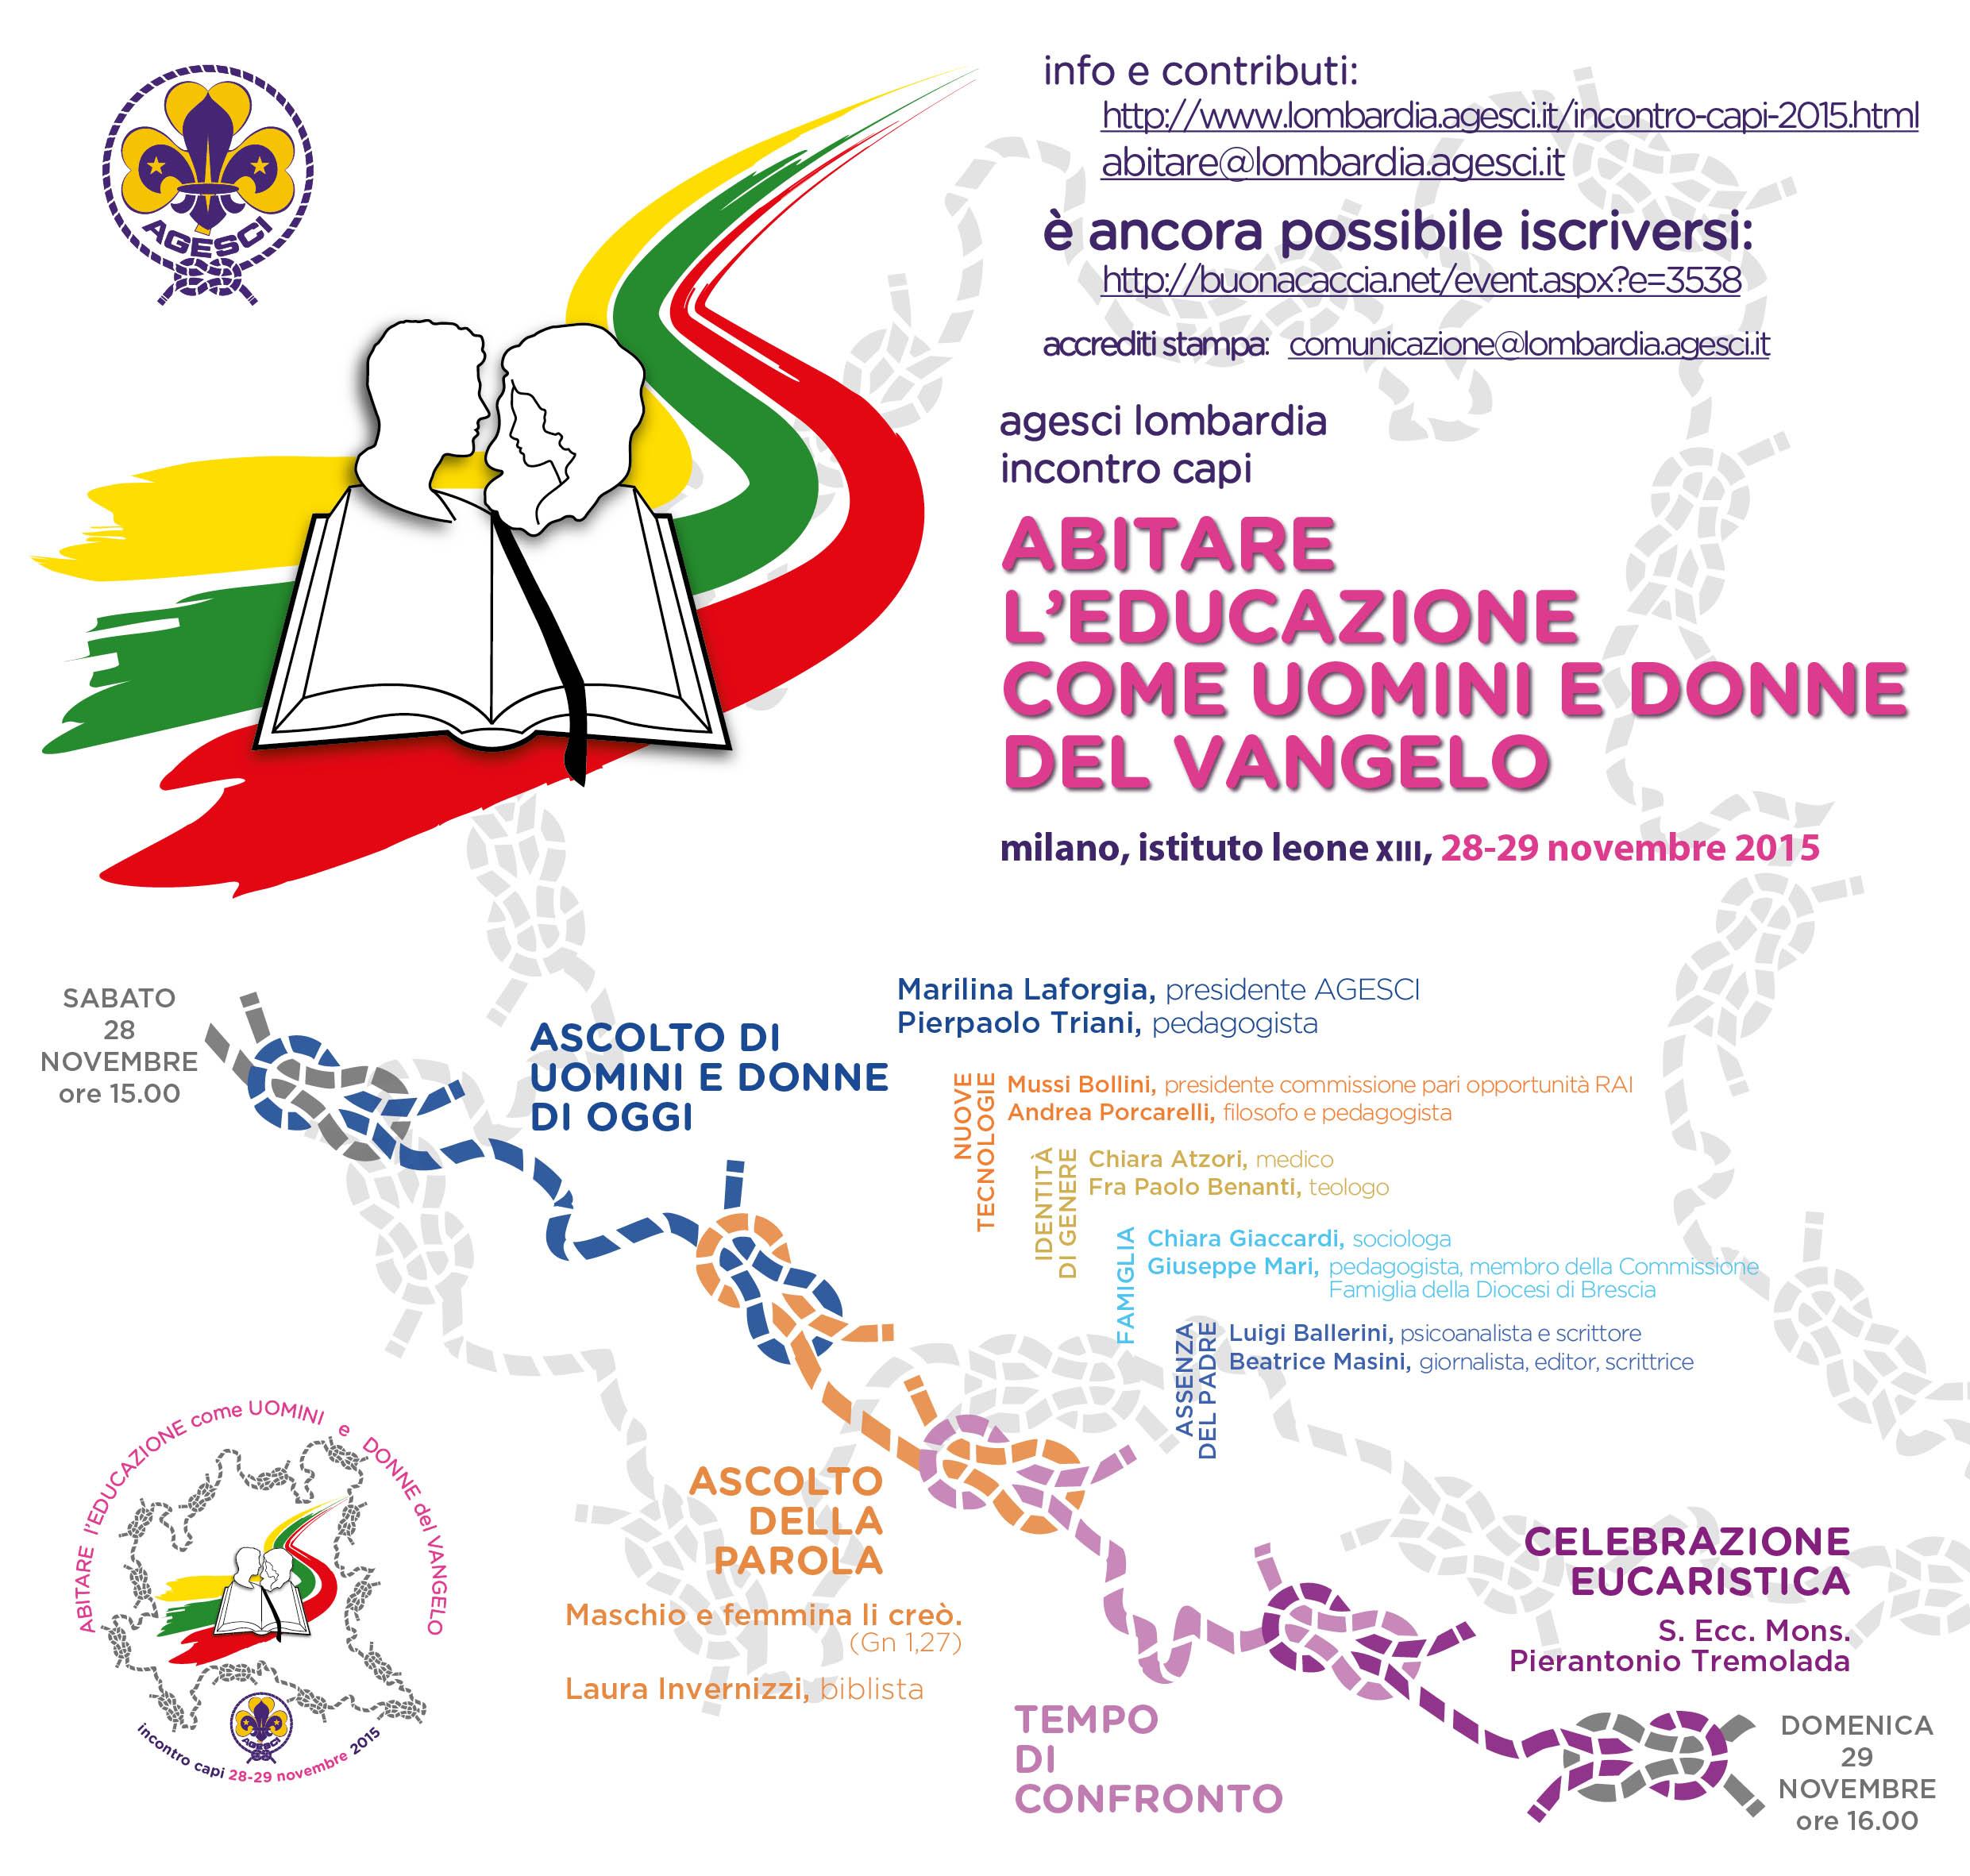 Abitare Educazione